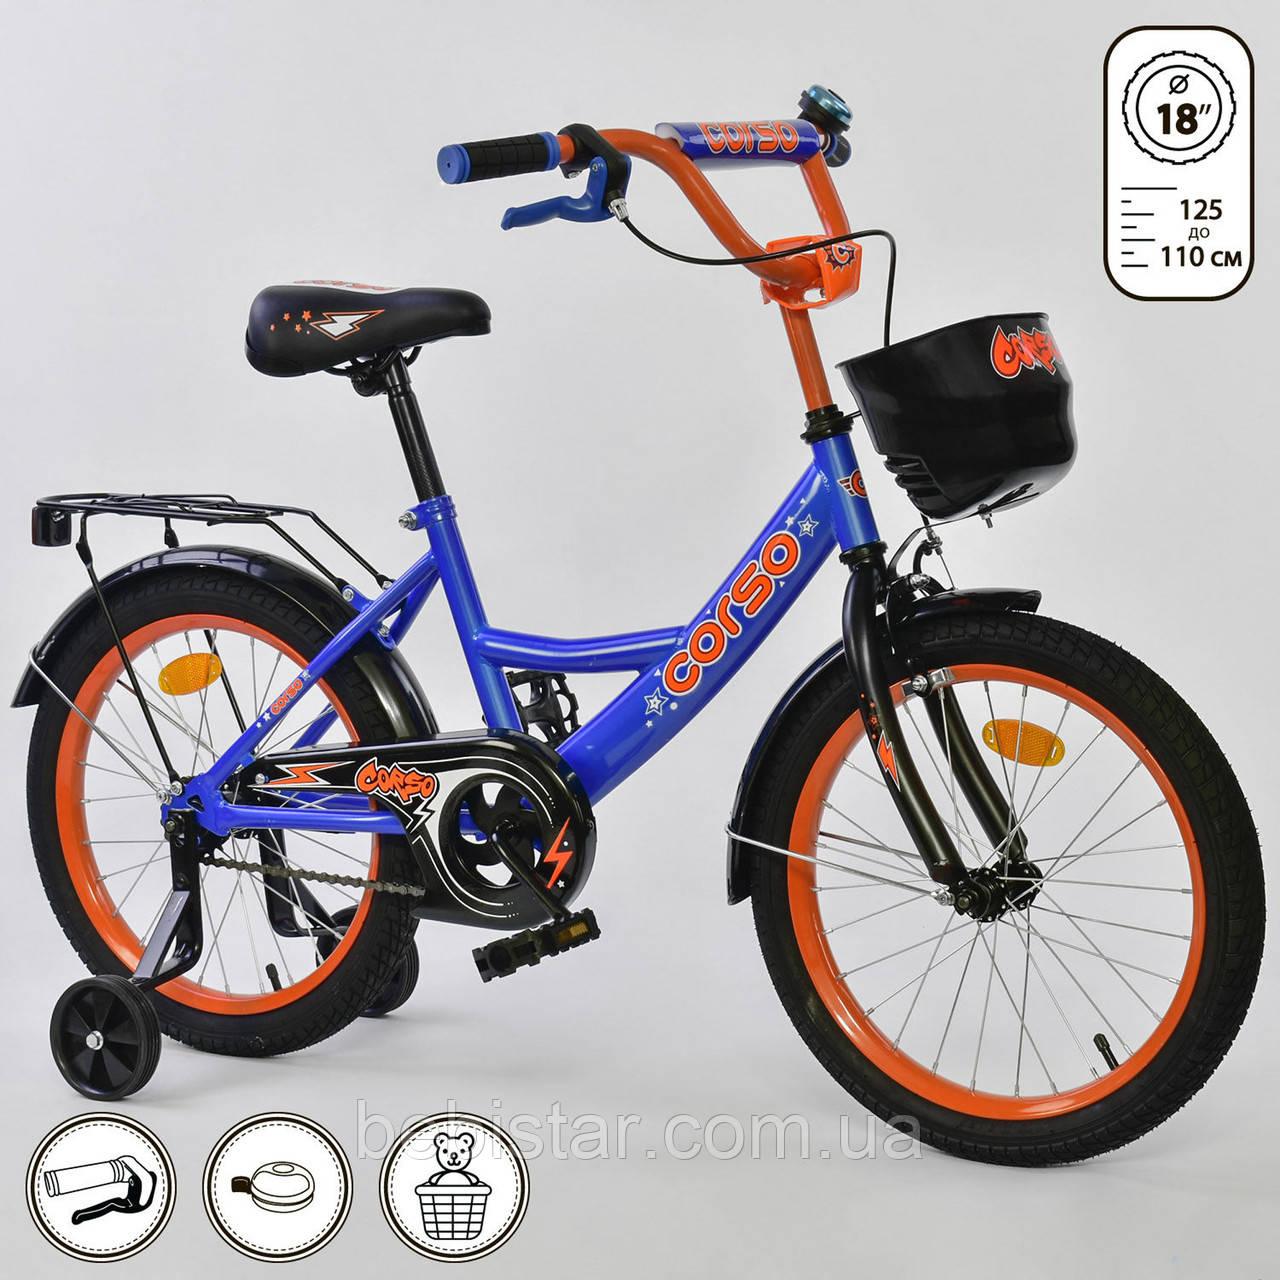 """Детский двухколесный велосипед синий оранжевый обод, доп., колеса, ручной тормоз Corso 18"""" детям 5-7 лет"""